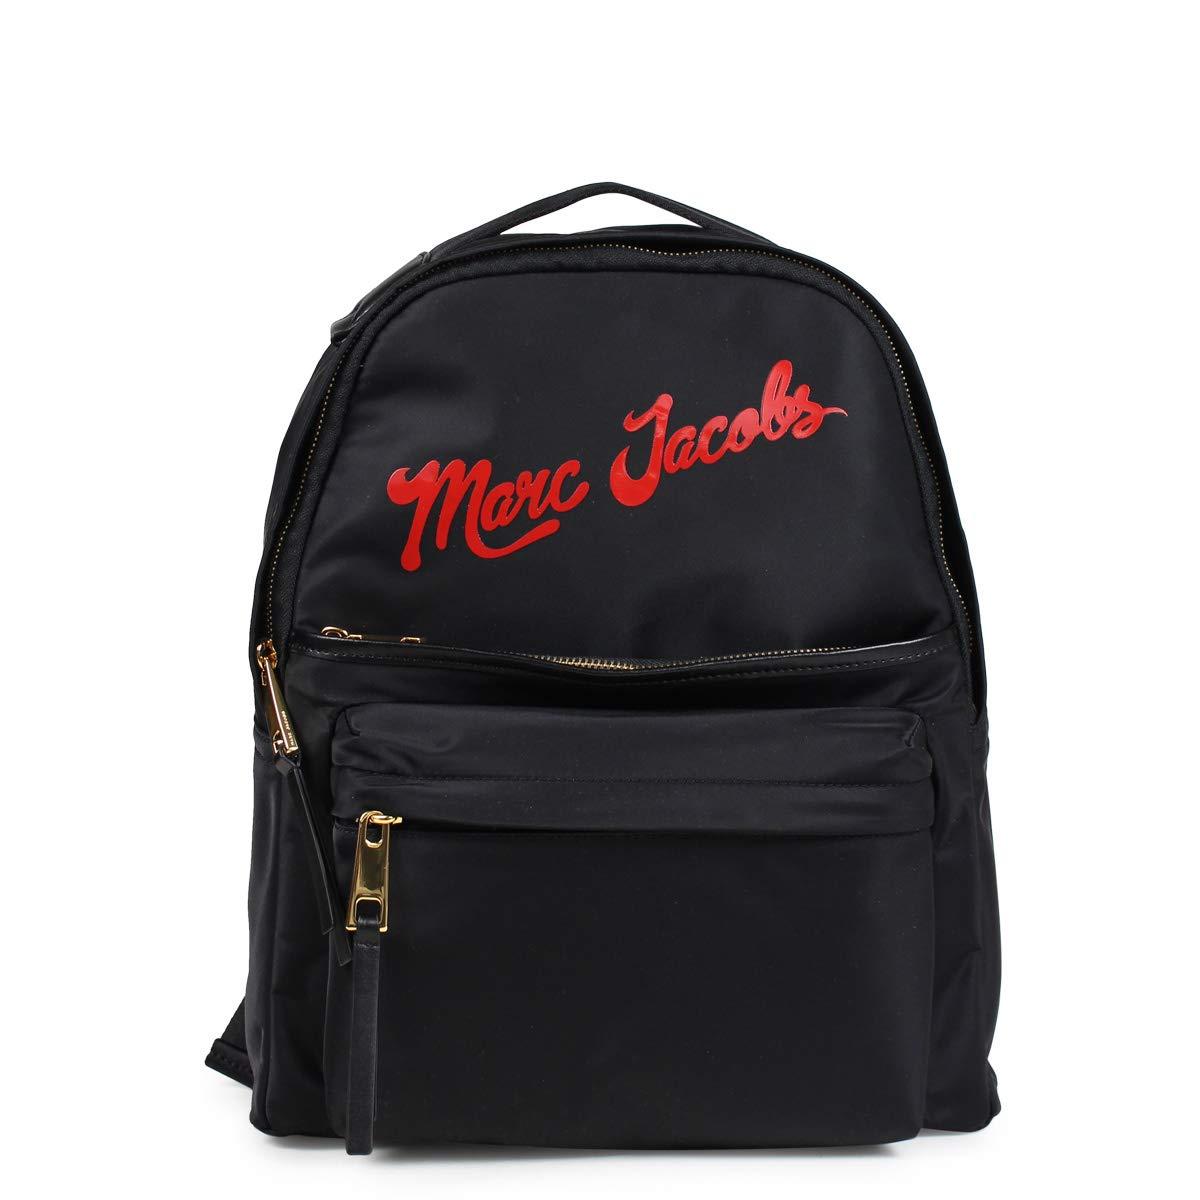 マーク ジェイコブス NYLON LARGE BACKPACK リュック バッグ バックパック M0014161 ユニセックス (並行輸入品) B07MZP95MJ ブラック